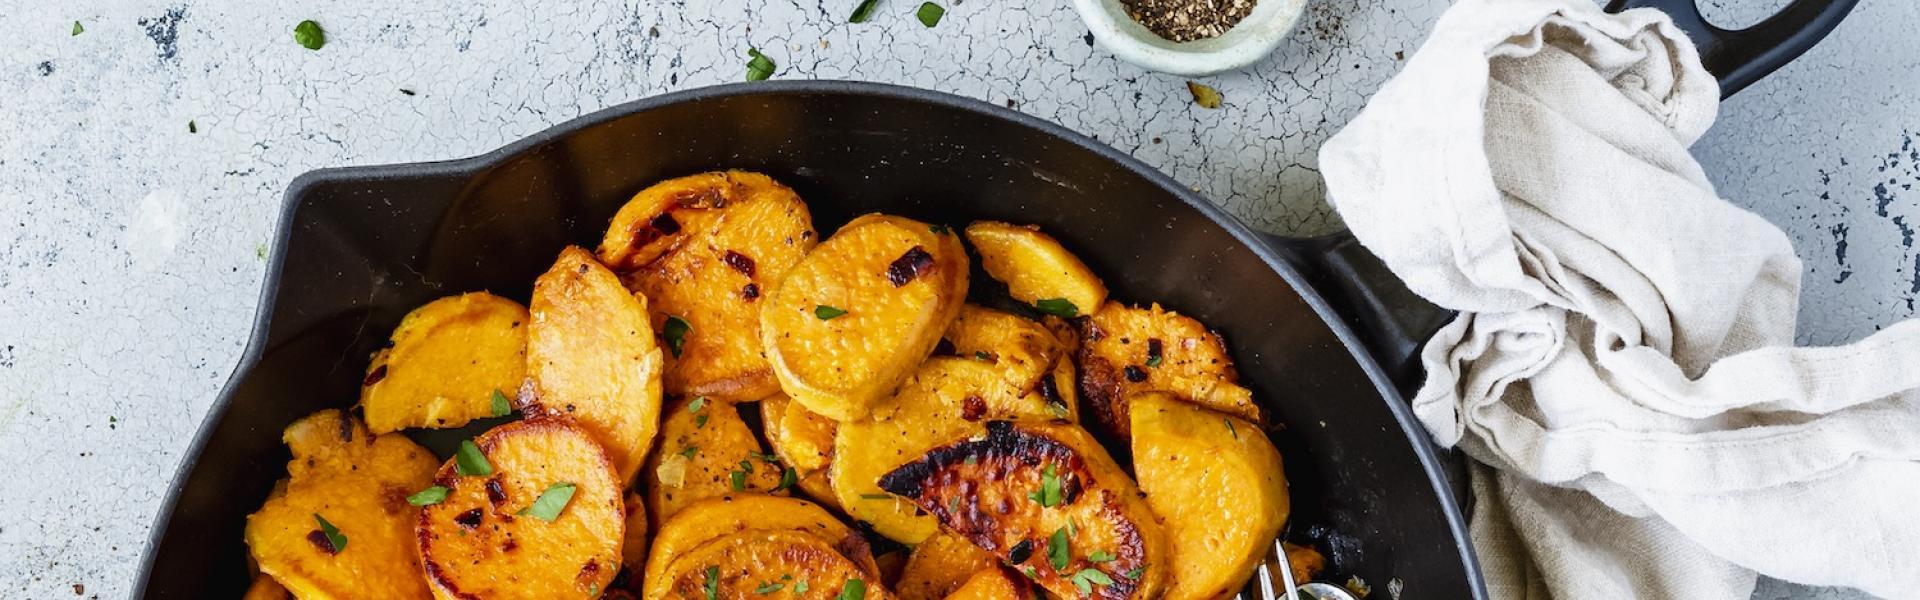 Süßkartoffel-Bratkartoffeln in einer Gusseisenpfanne mit Tuch.